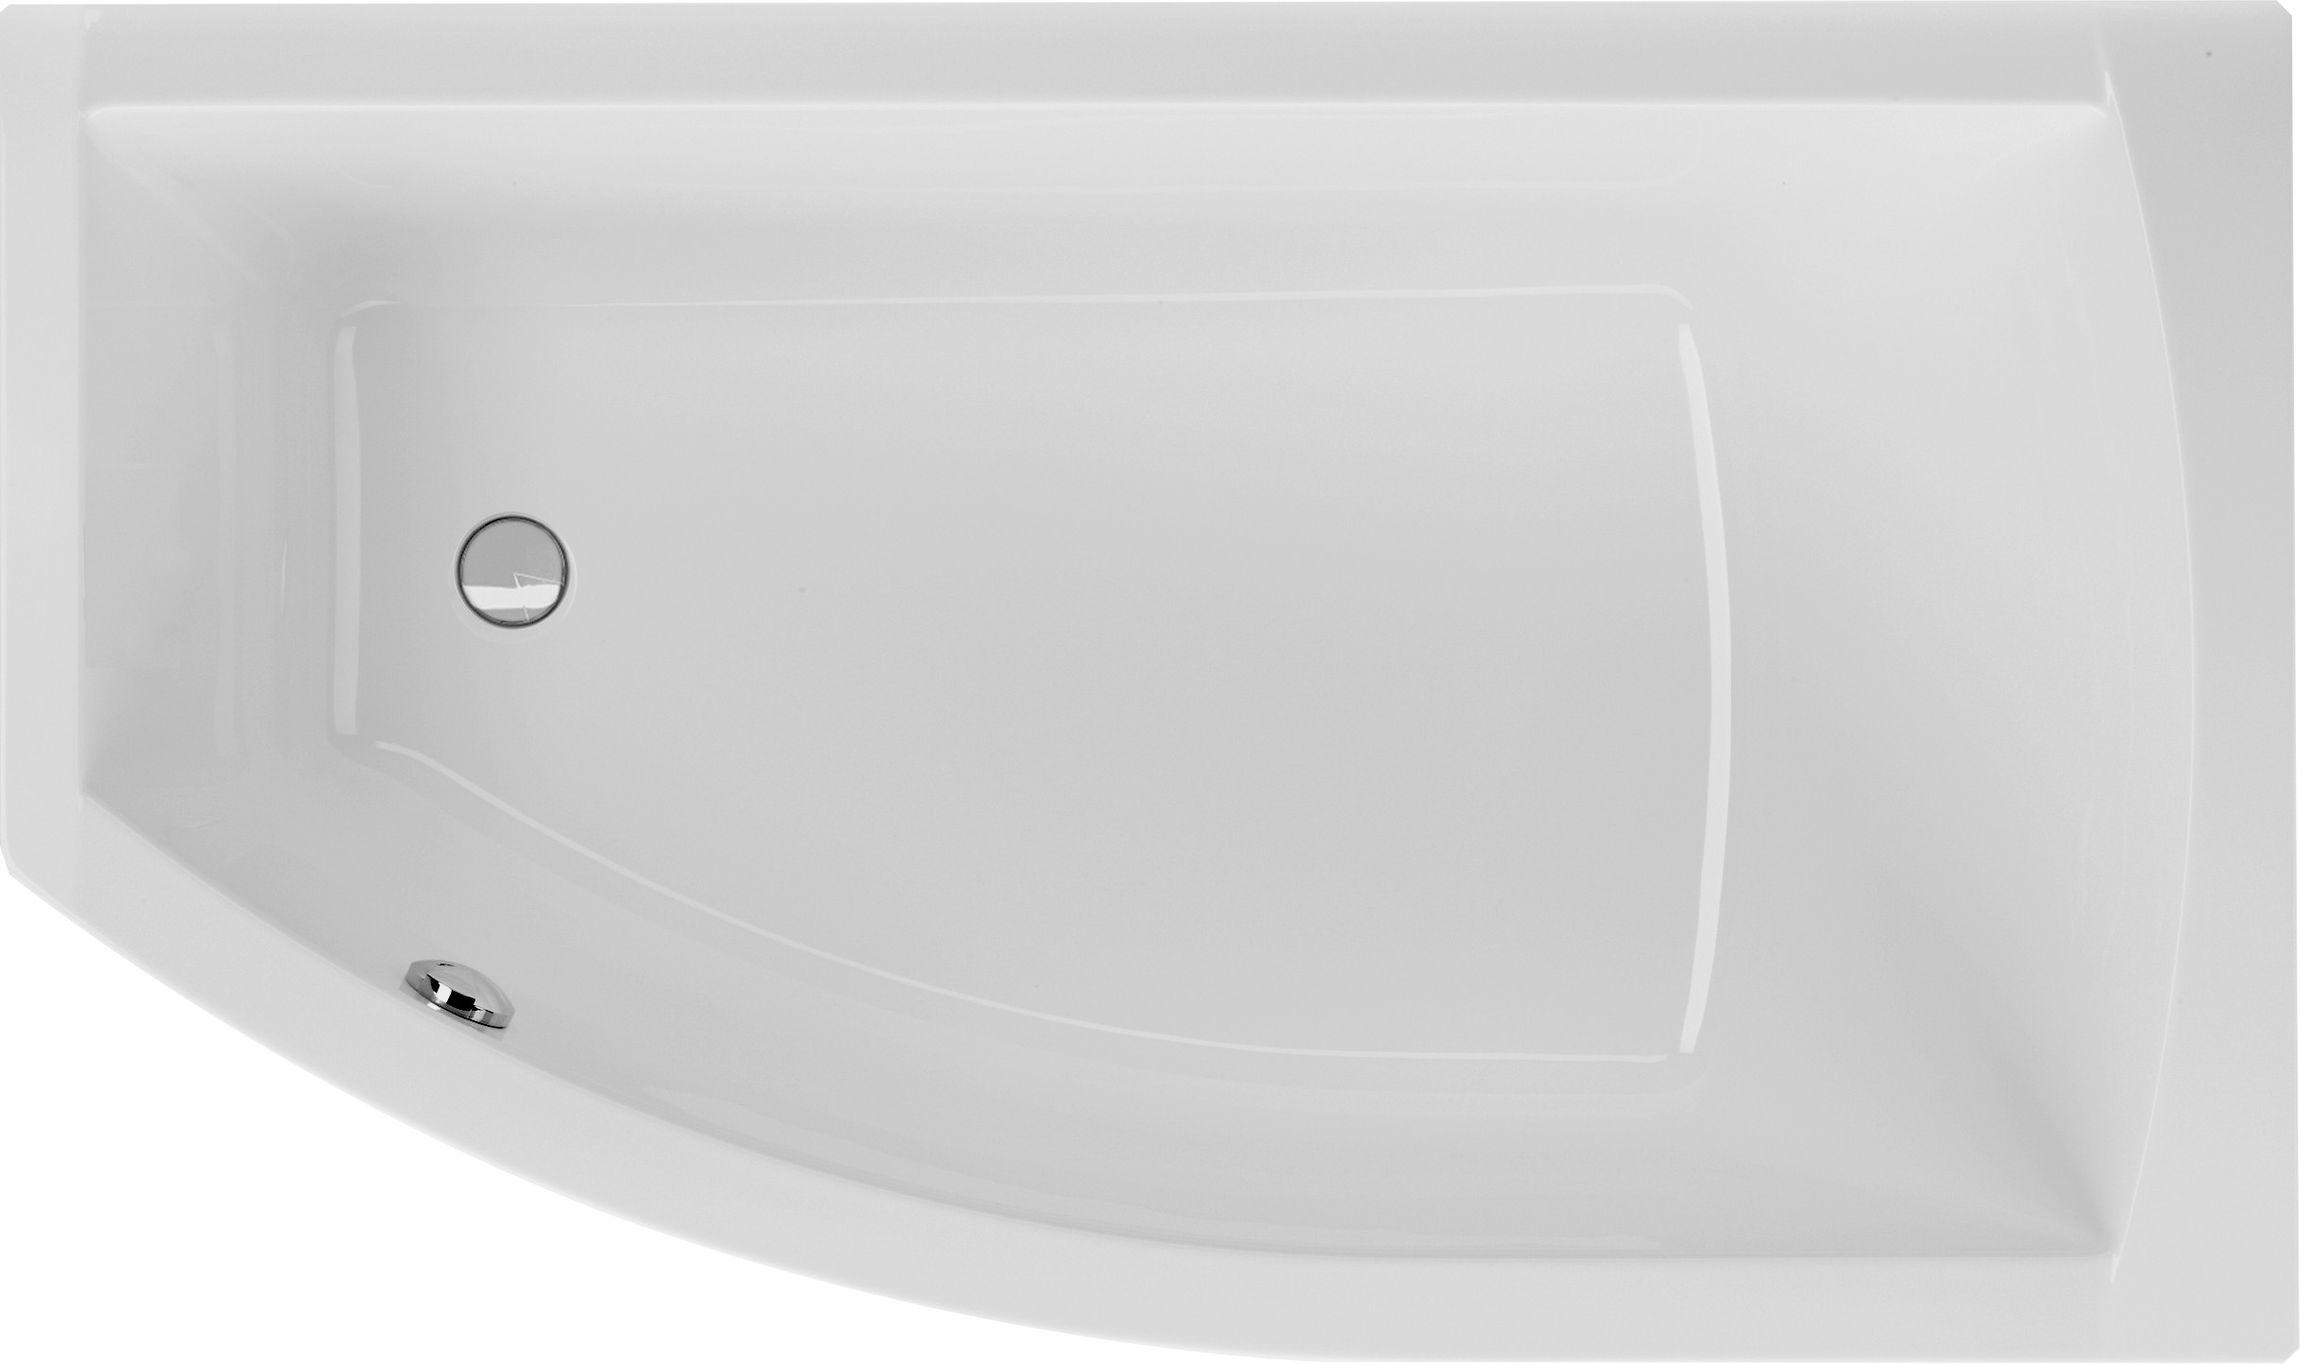 raumsparbadewanne 150 x 85 cm asymmetrische eckwanne trapezform. Black Bedroom Furniture Sets. Home Design Ideas